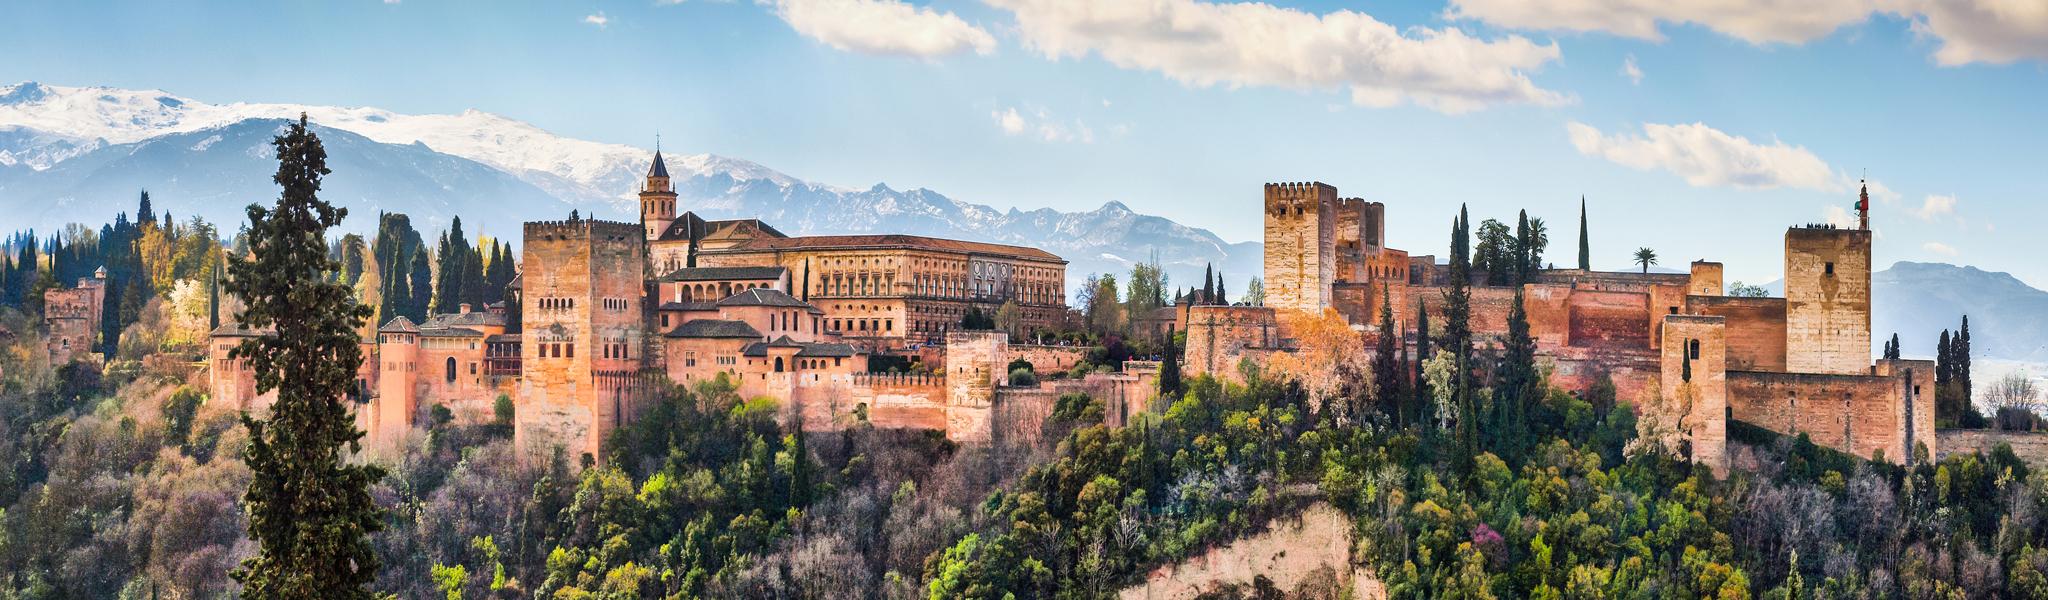 Top 20 UNESCO World Heritage Sites in Europe